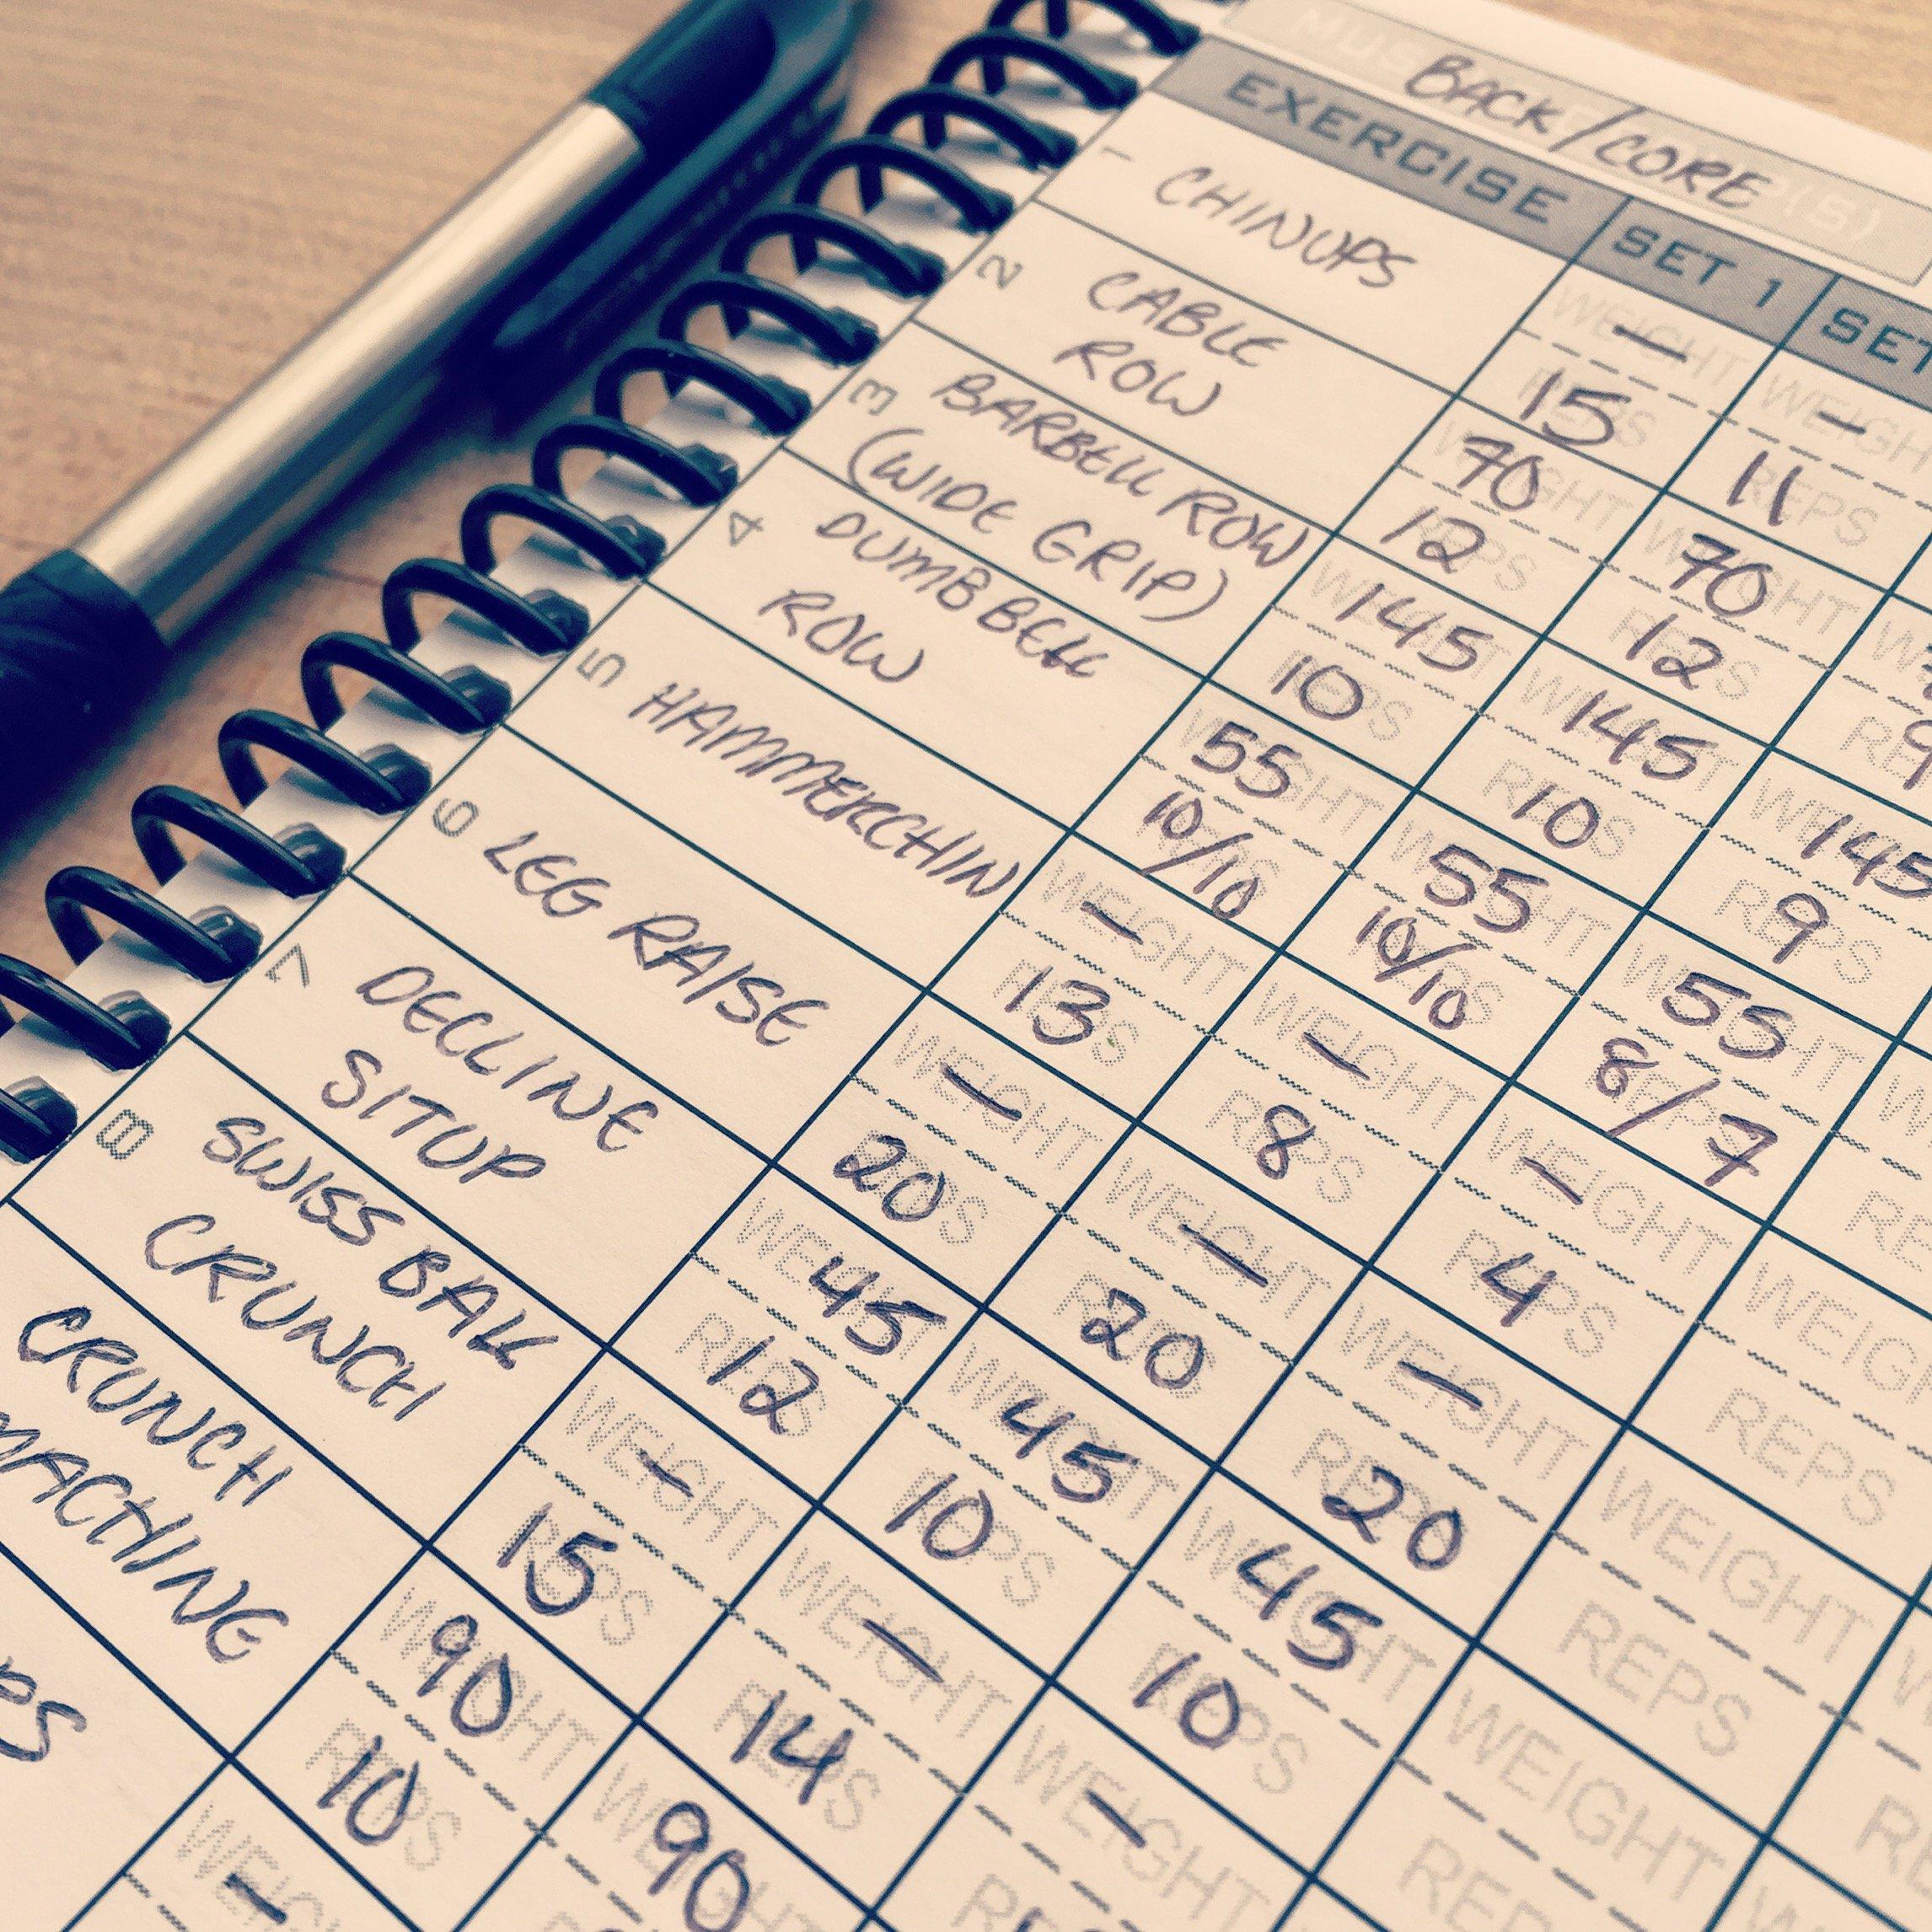 TrainRite Compact Fitness Journal (An Exercise Log Book): Matt ...